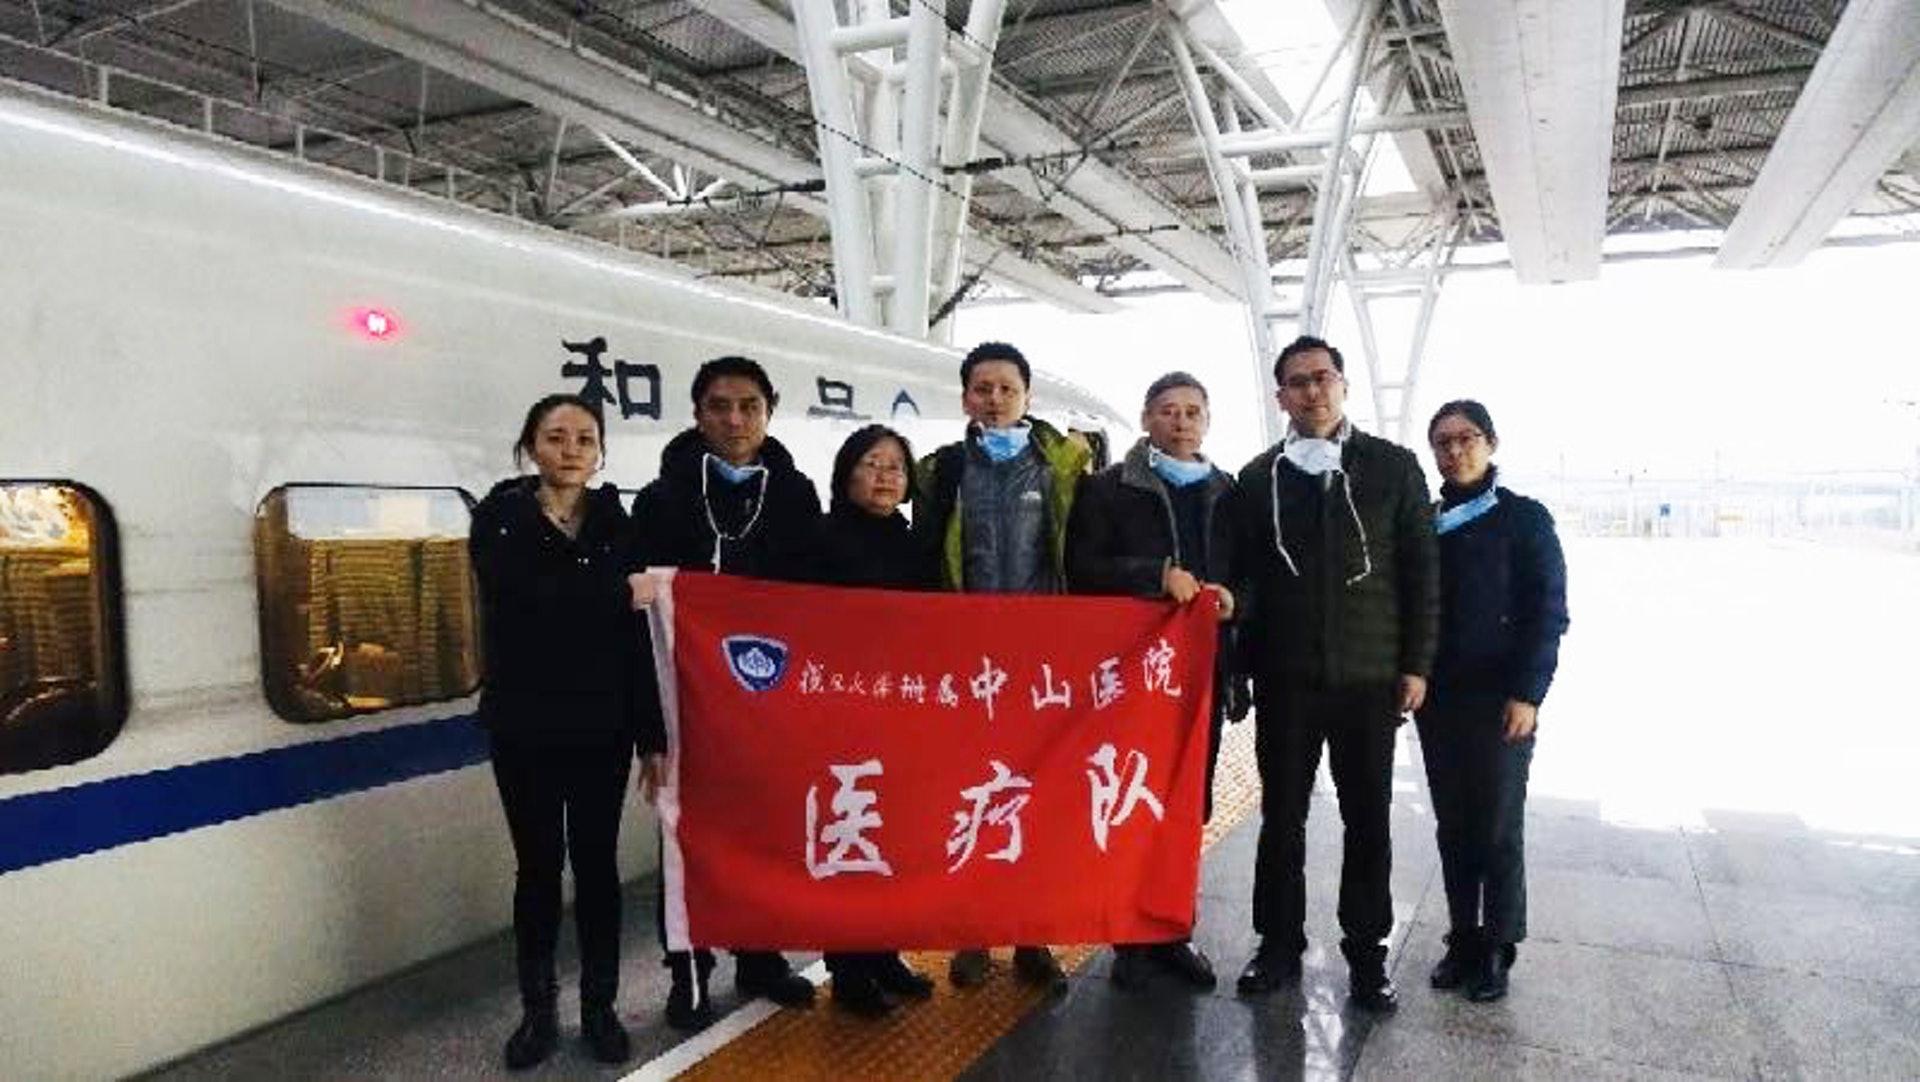 復旦大學附屬中山醫院醫療隊到武漢支援。(網上圖片)